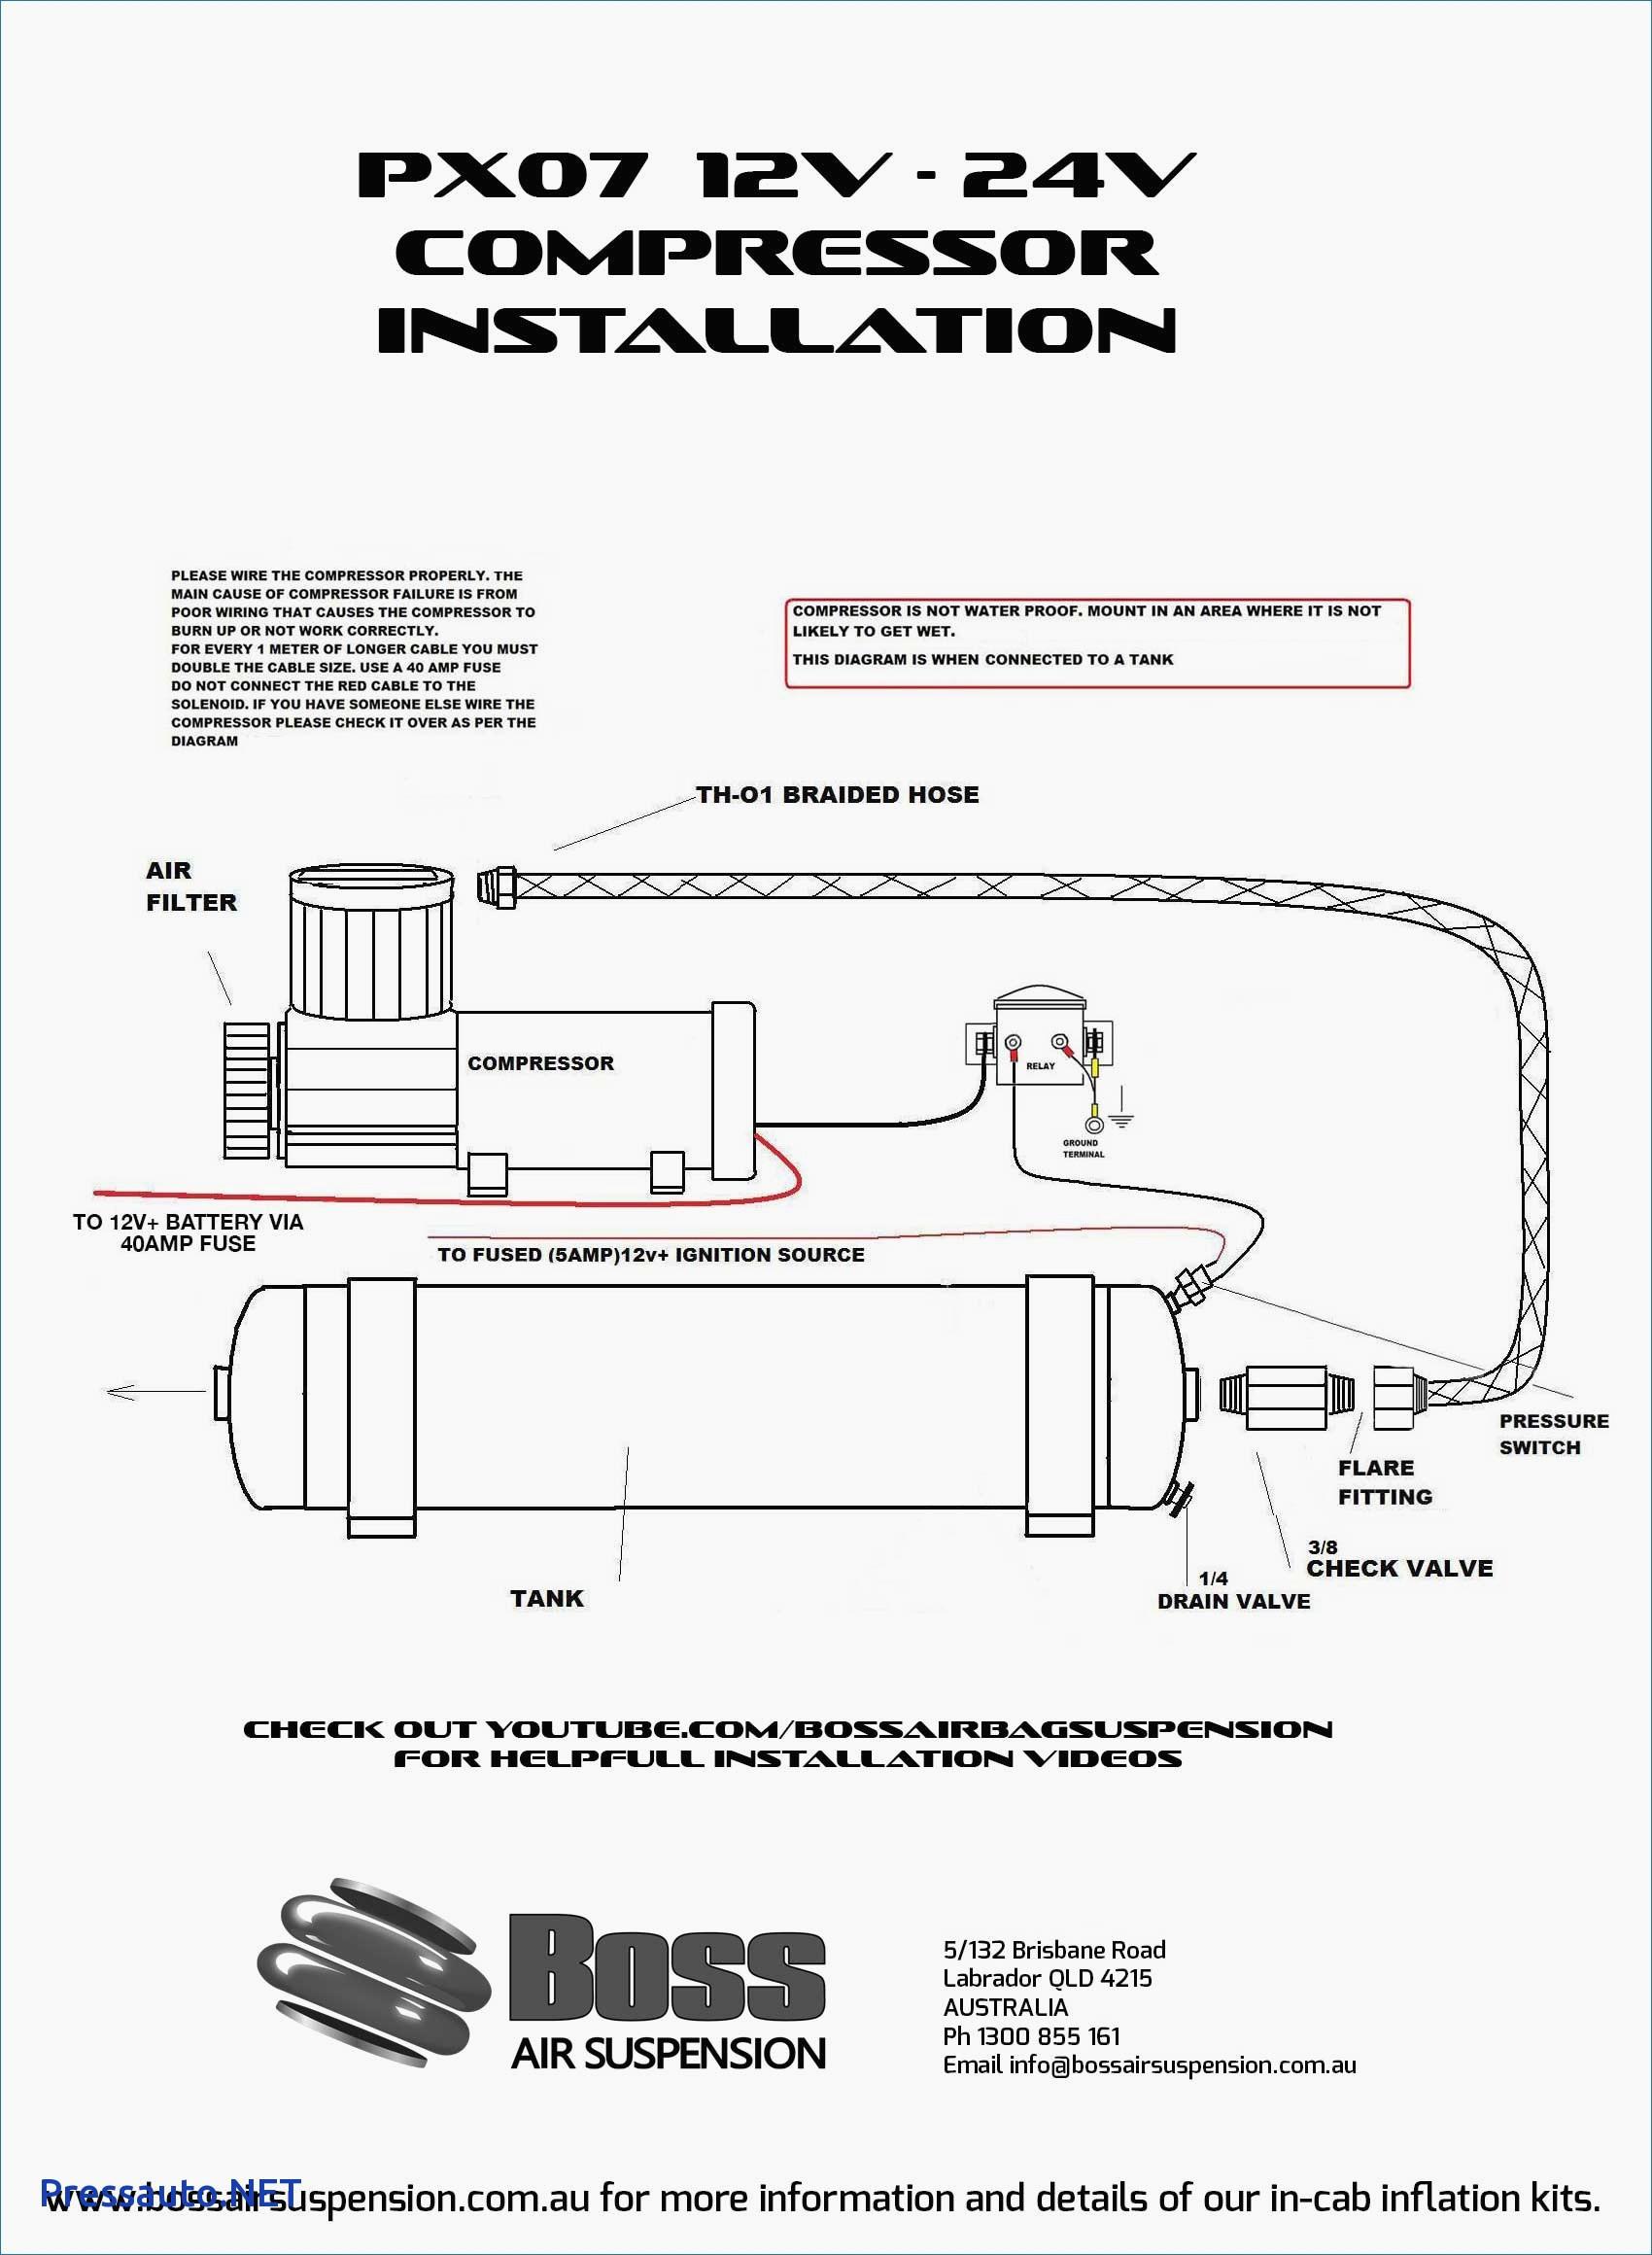 square d air compressor pressure switch wiring diagram Download-Wiring Diagram For Air pressor Pressure Switch Fresh Square D Air Pressor Pressure Switch Wiring Diagram Fresh Water 8-m